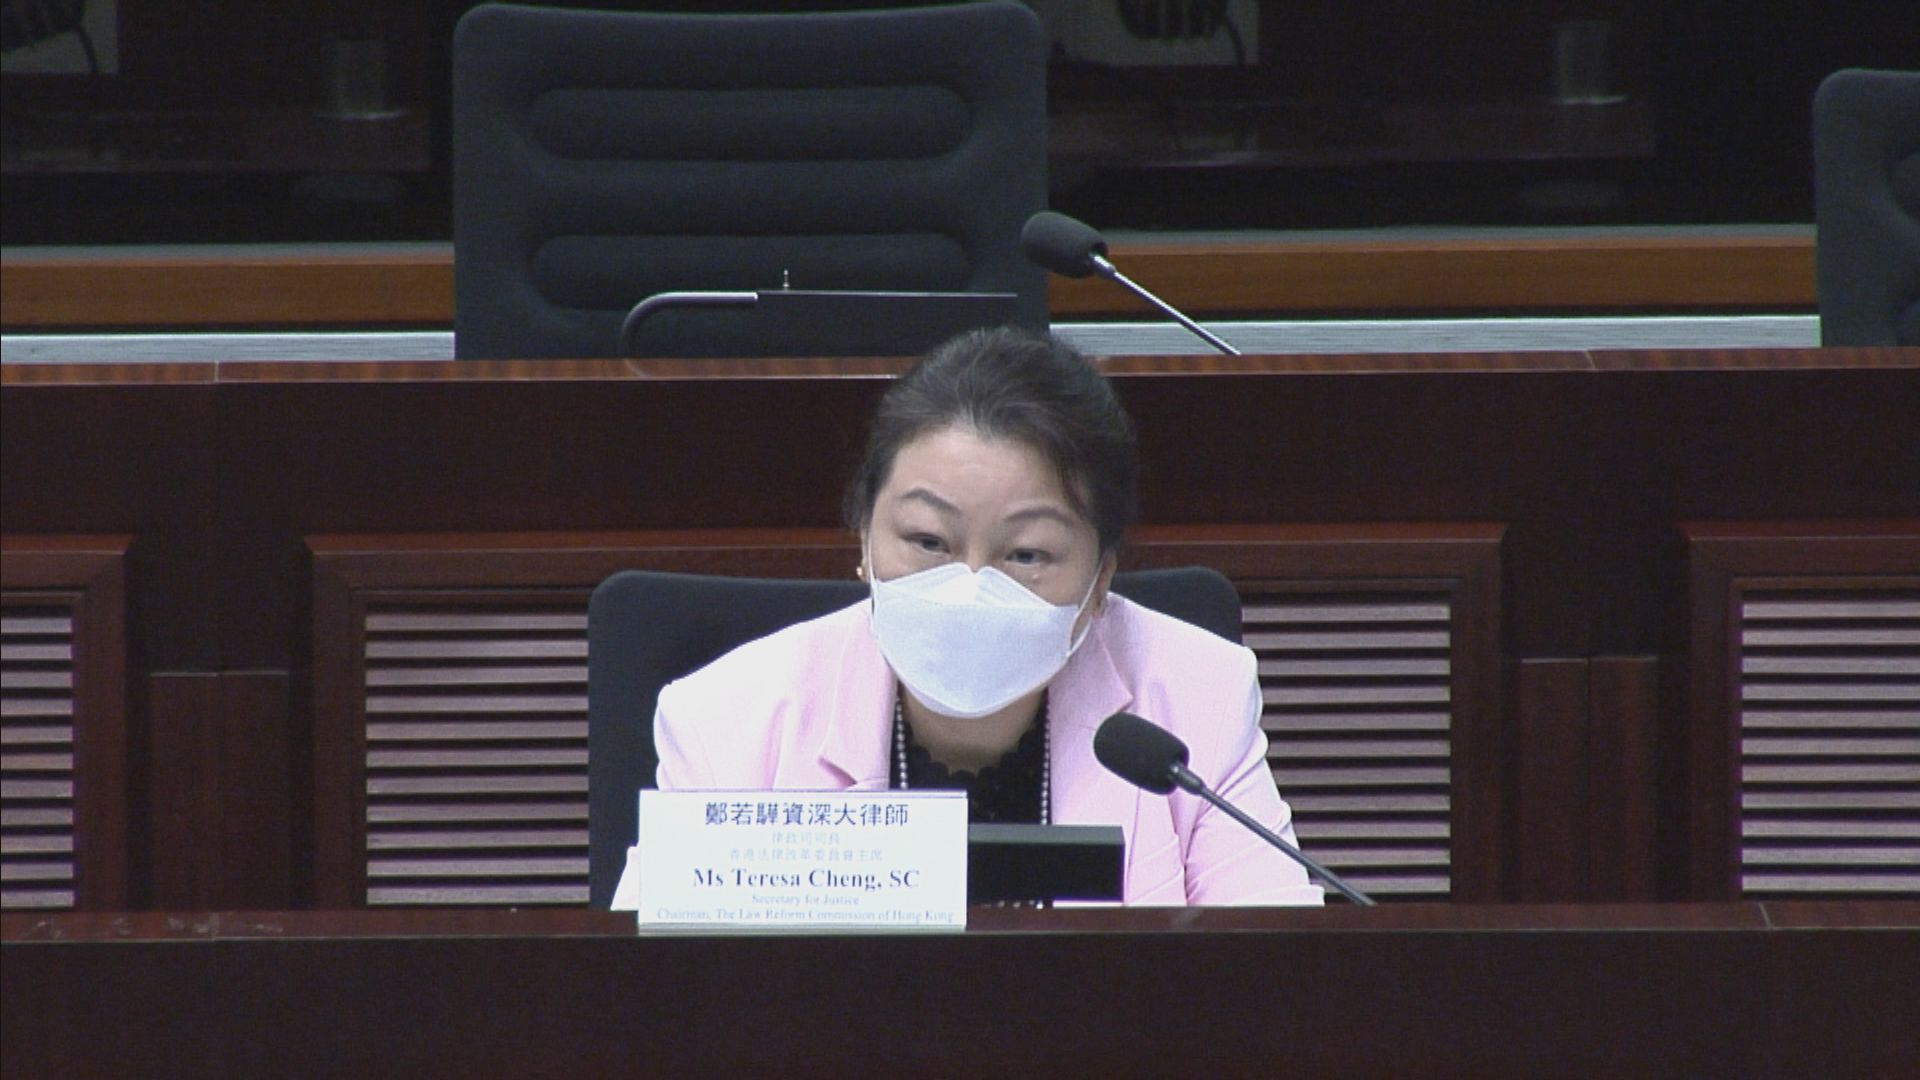 鄭若驊:會積極進行廿三條立法工作 現未有時間表